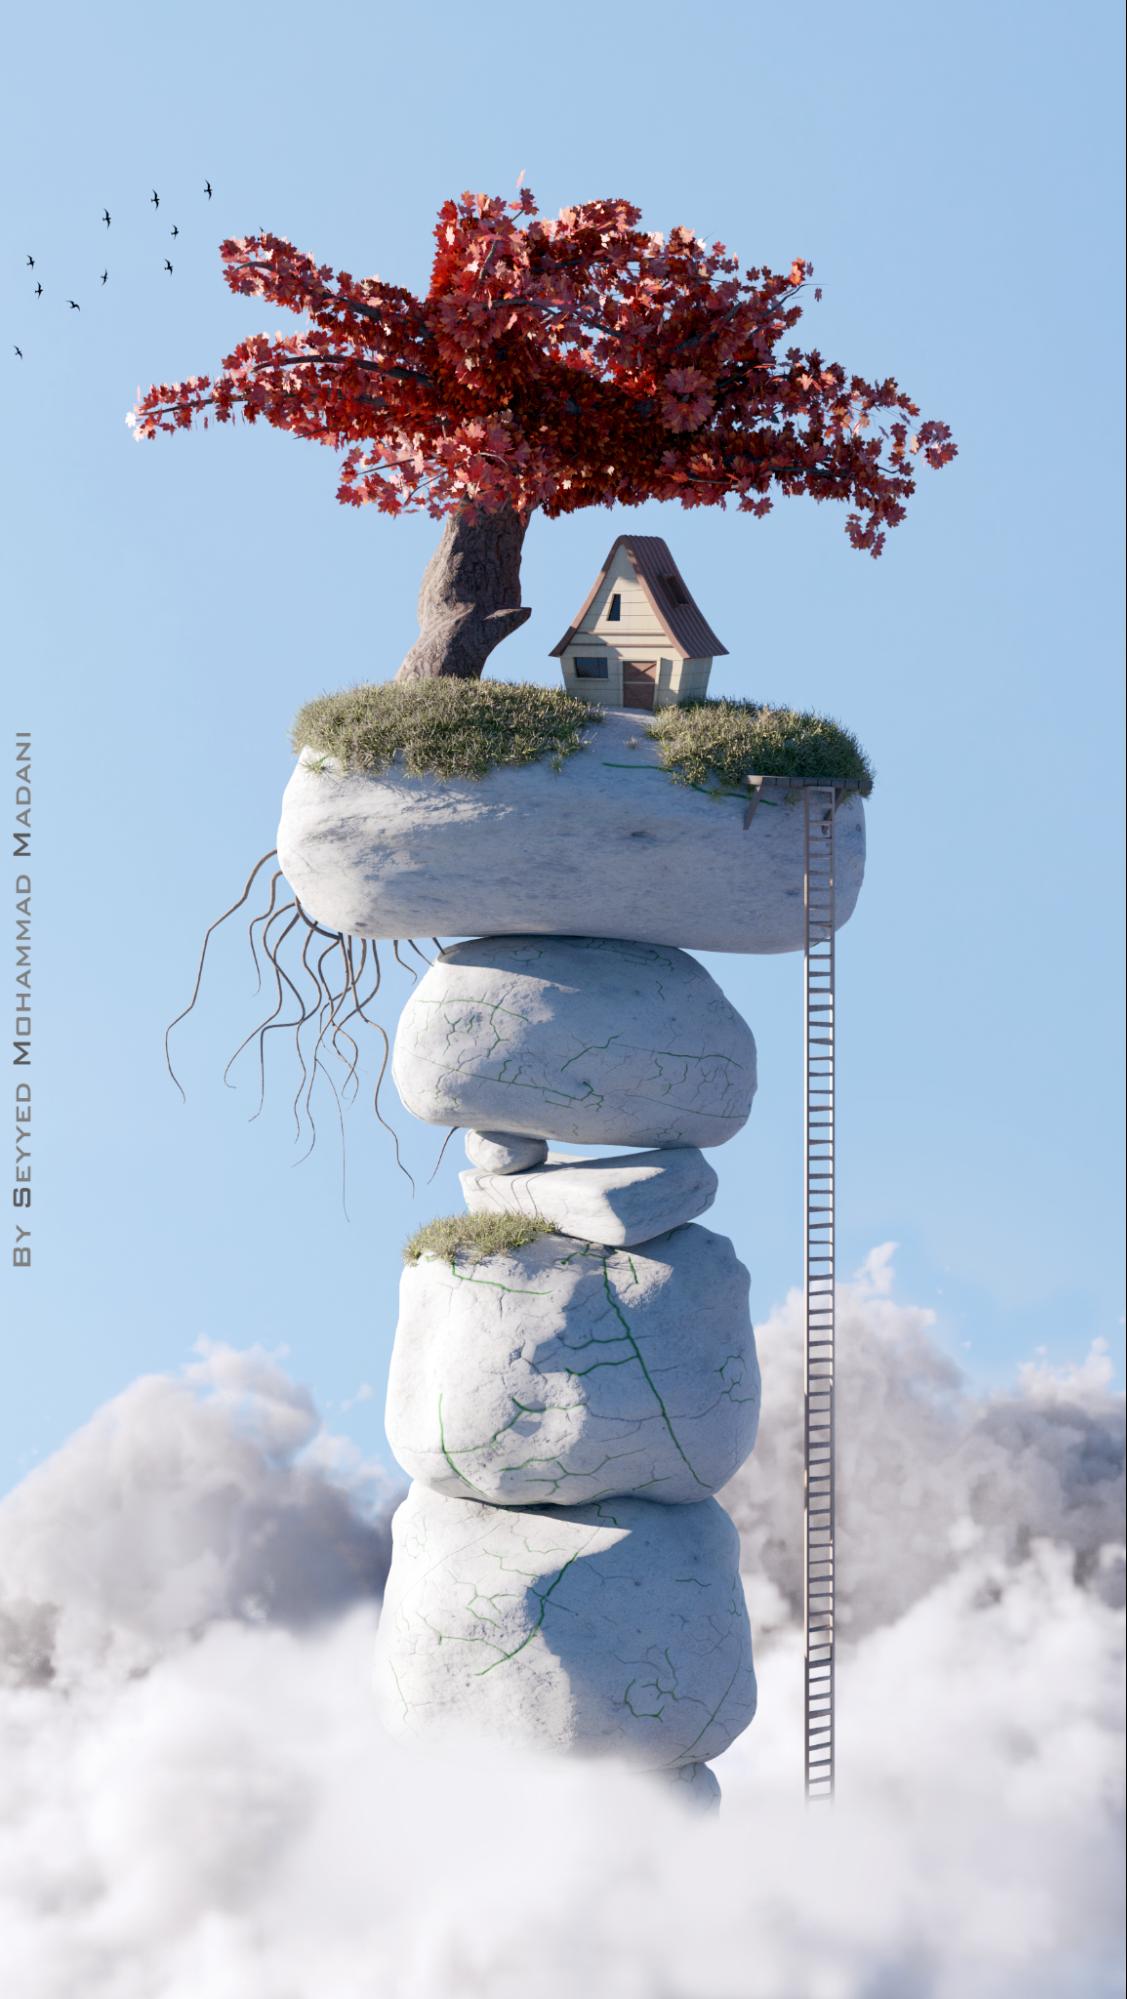 在Blender中制作梦幻天空 - 瑞云渲染